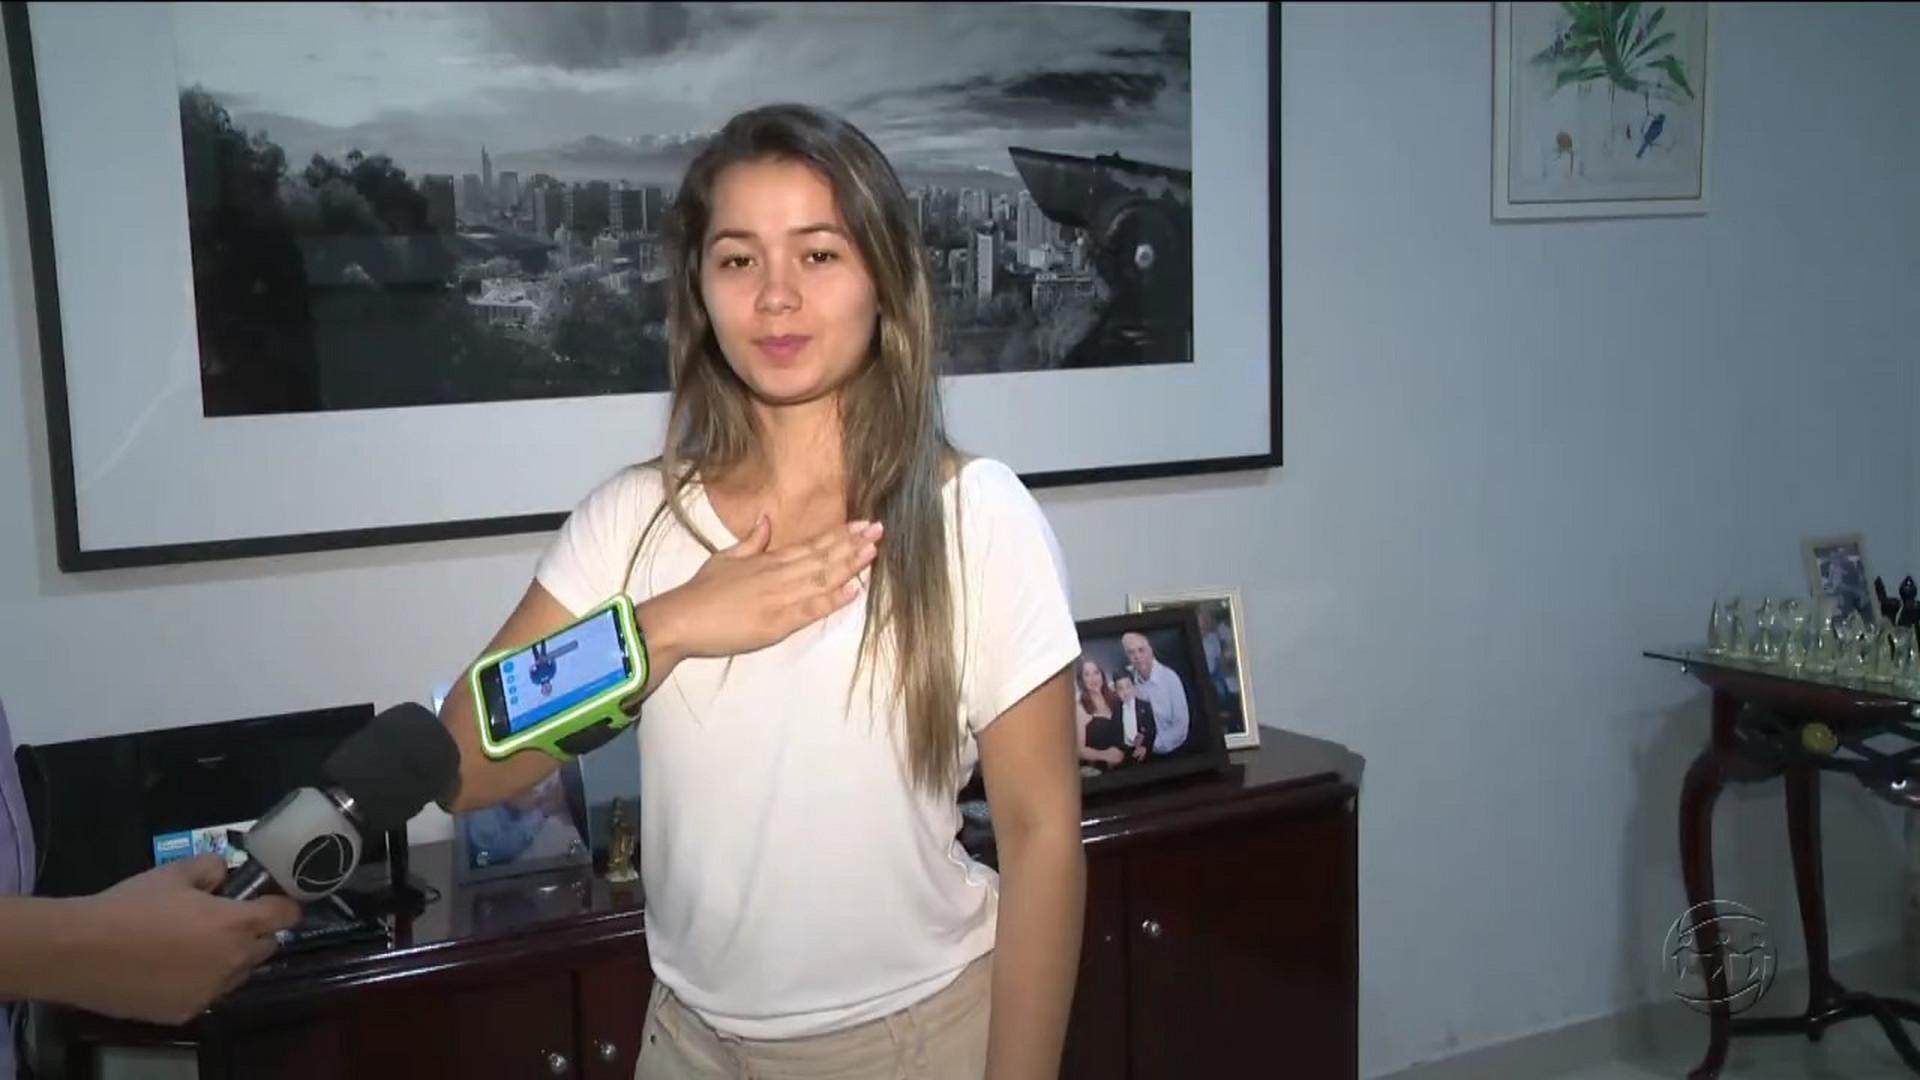 APLICATIVO FACILITA COMUNICAÇÃO ENTRE SURDOS - A Crítica Na Tv - 12/12/17